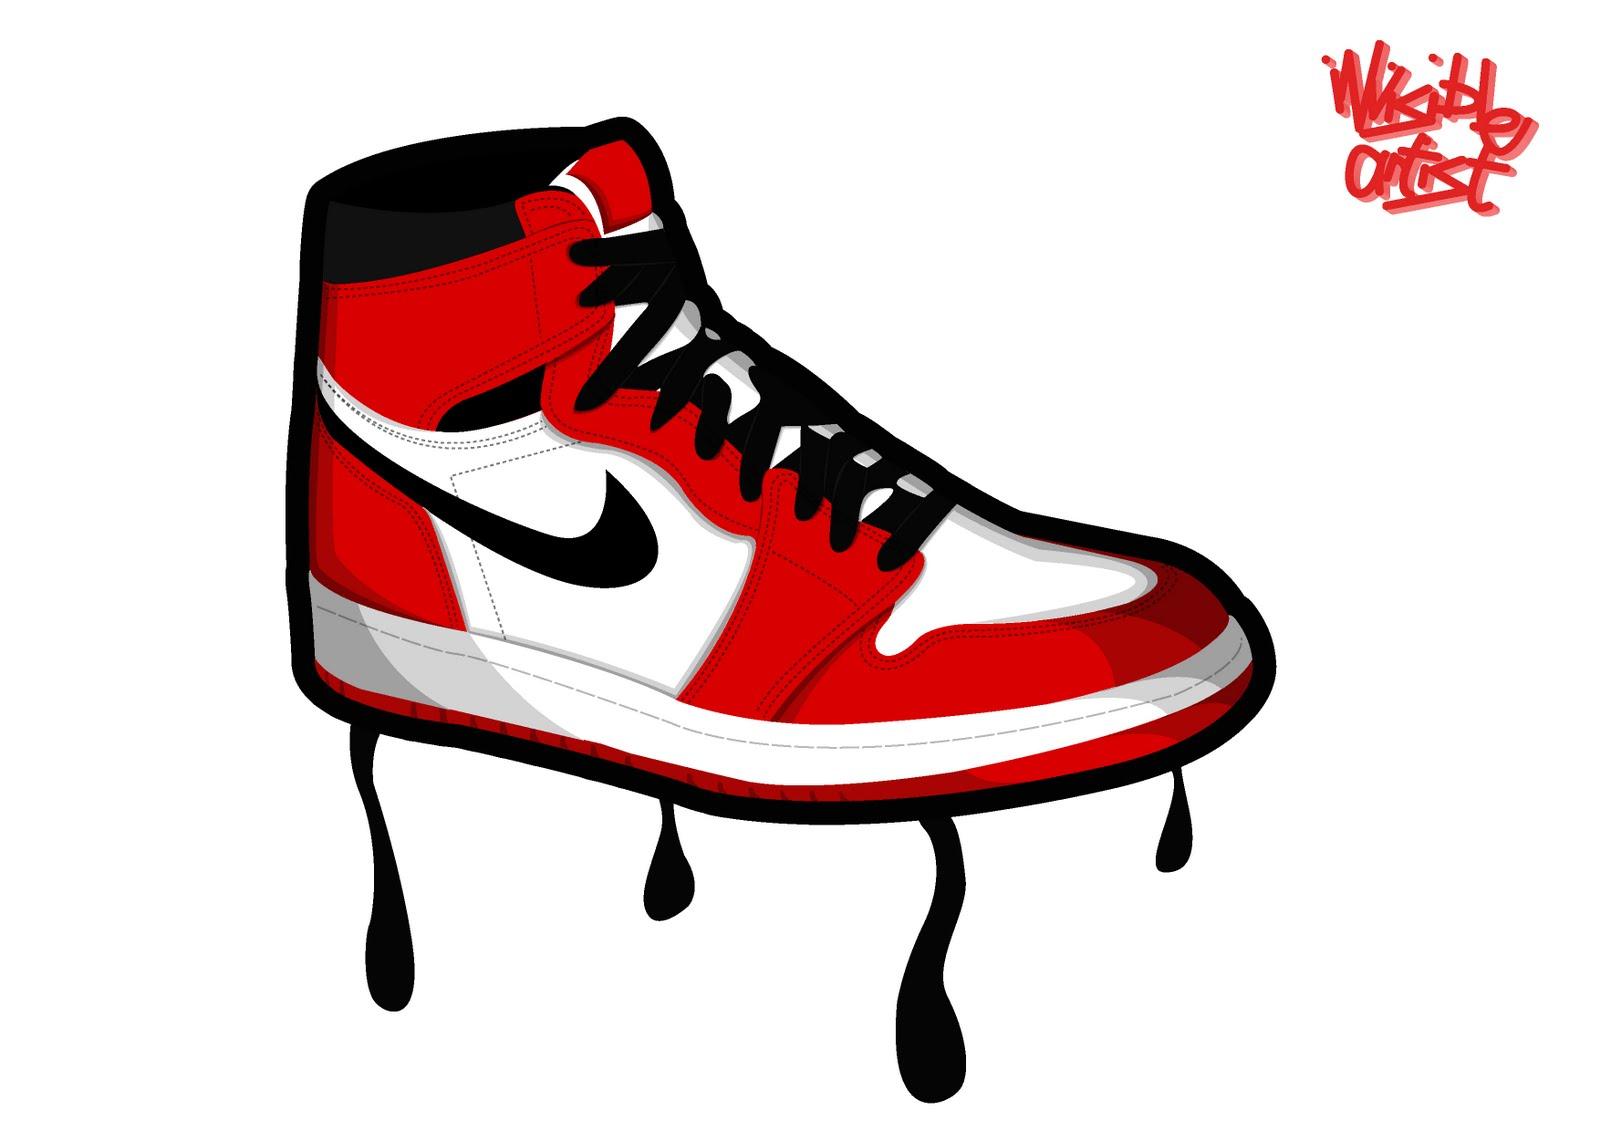 Nike air jordan clipart graphic royalty free library Free Jordan 4 Cliparts, Download Free Clip Art, Free Clip Art on ... graphic royalty free library